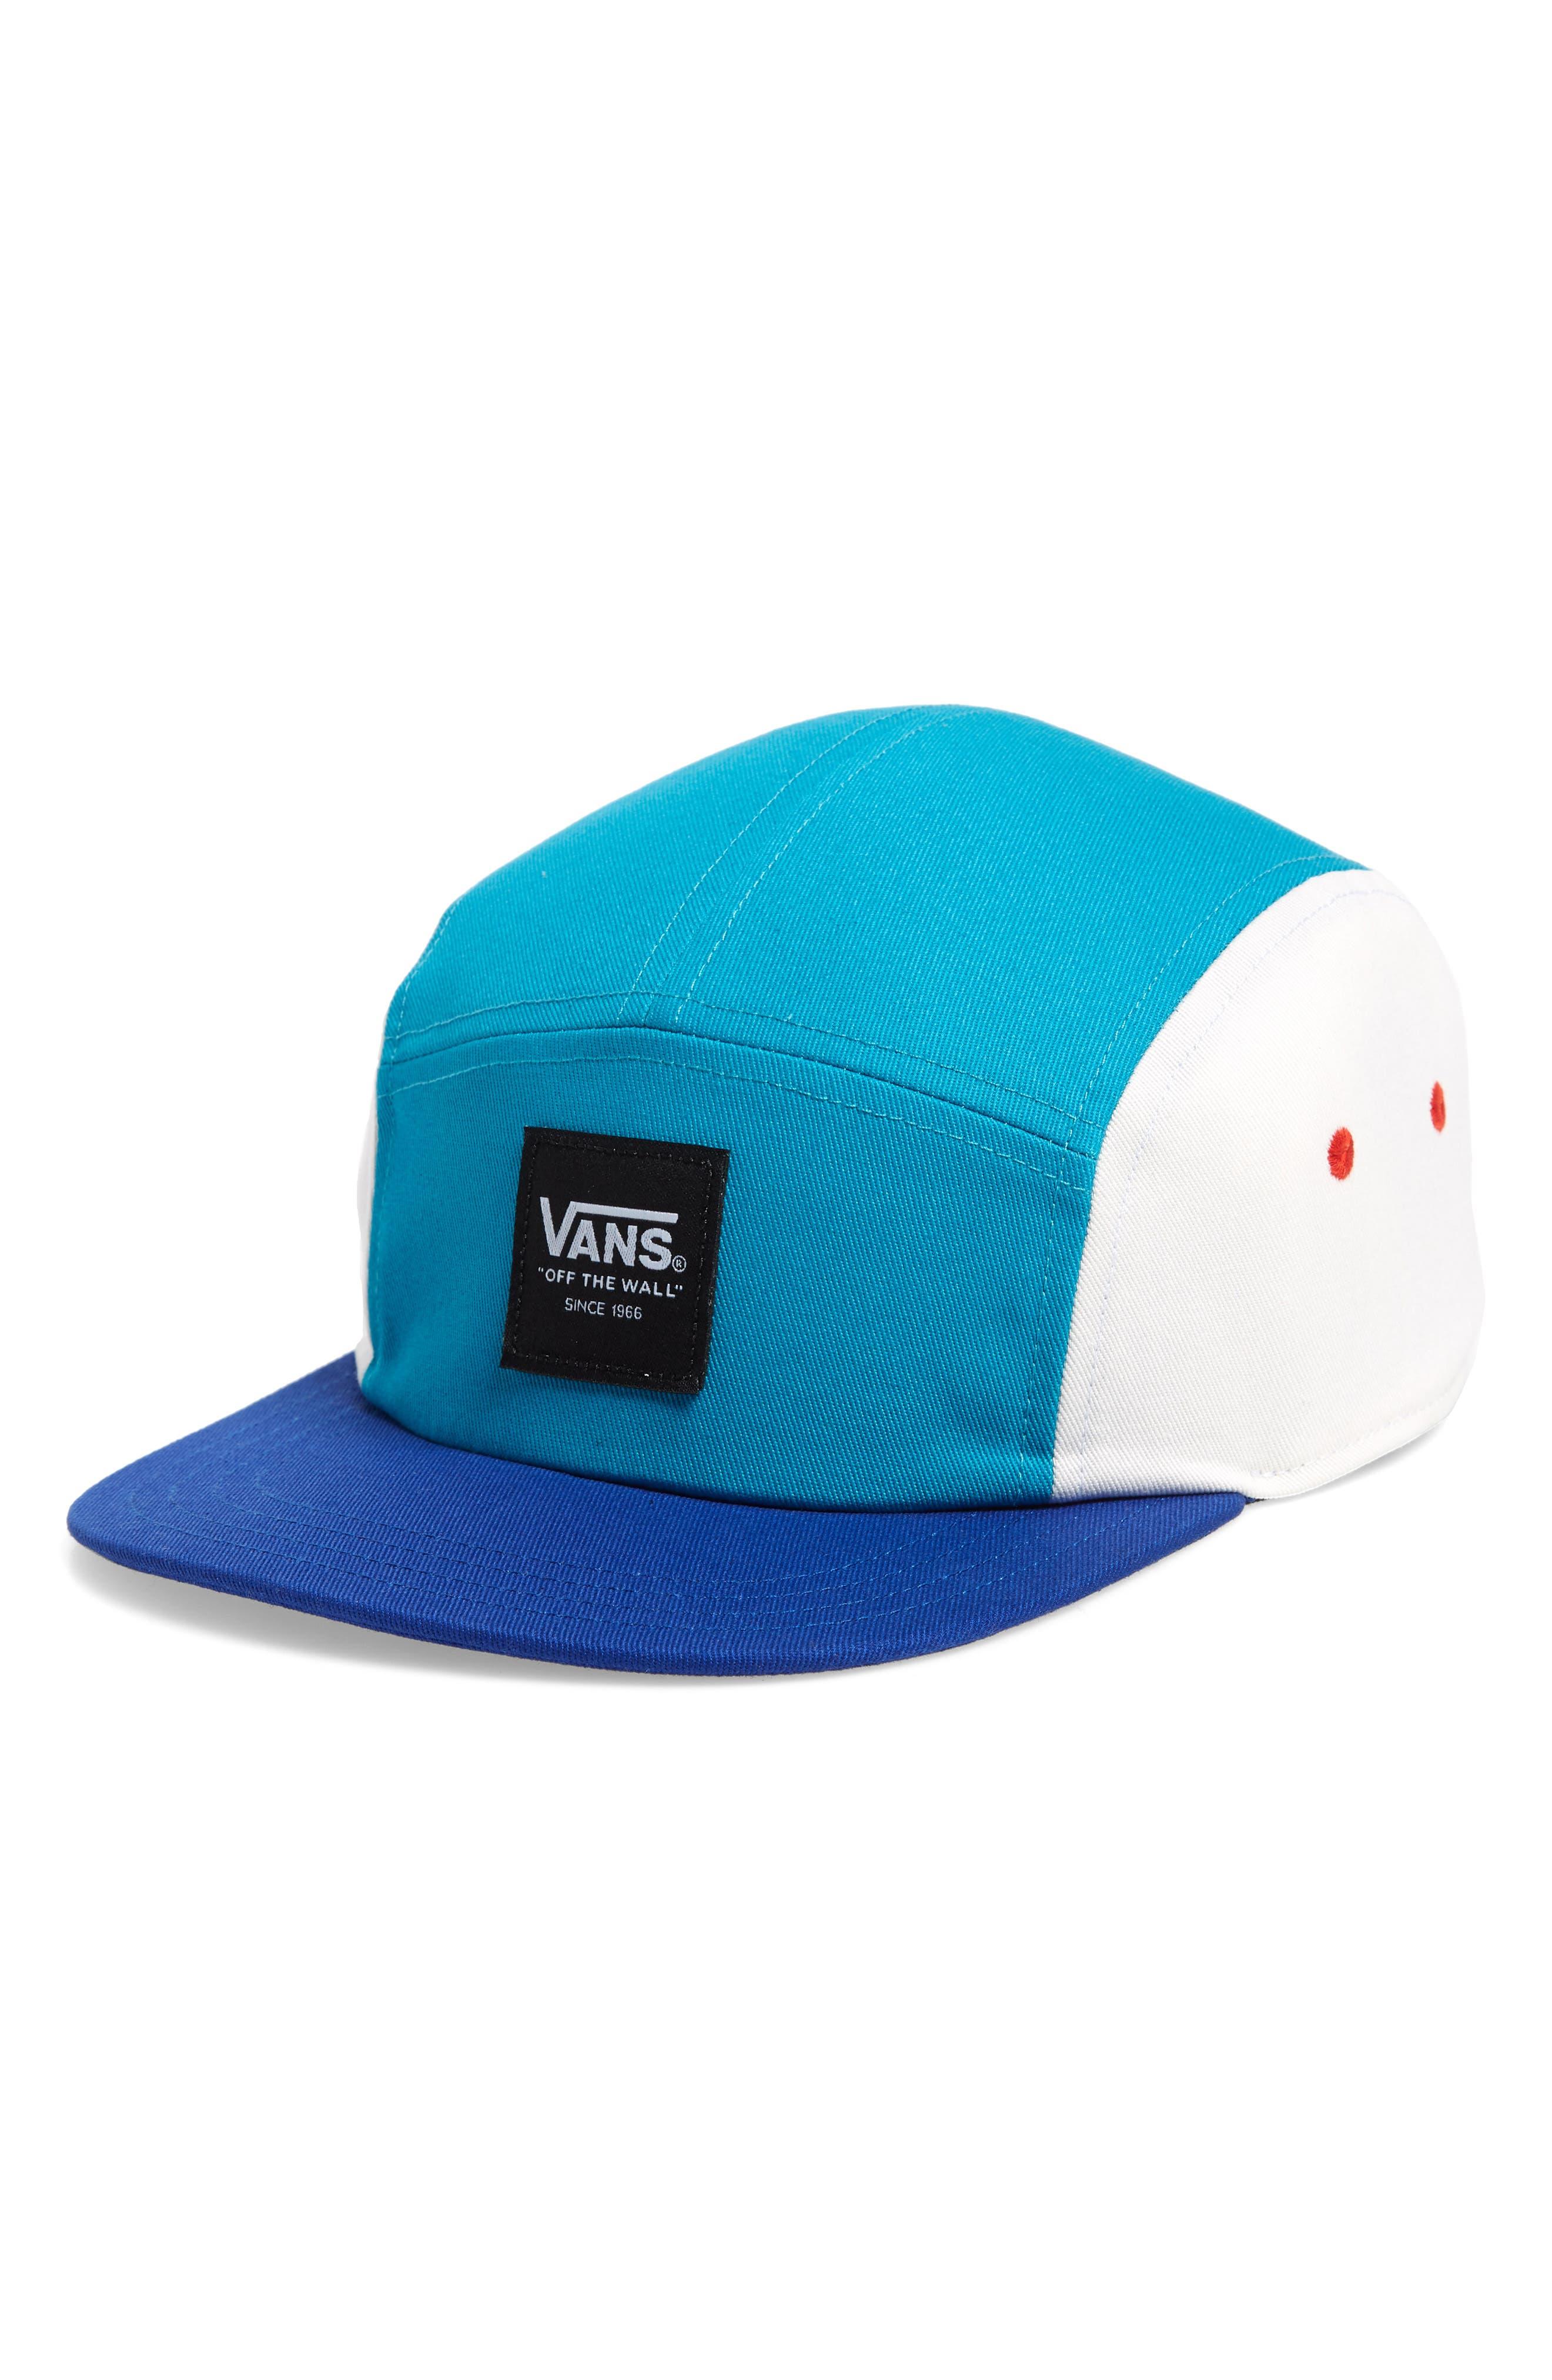 Ranger Five Panel Camper Hat,                         Main,                         color, MAZARINE BLUE